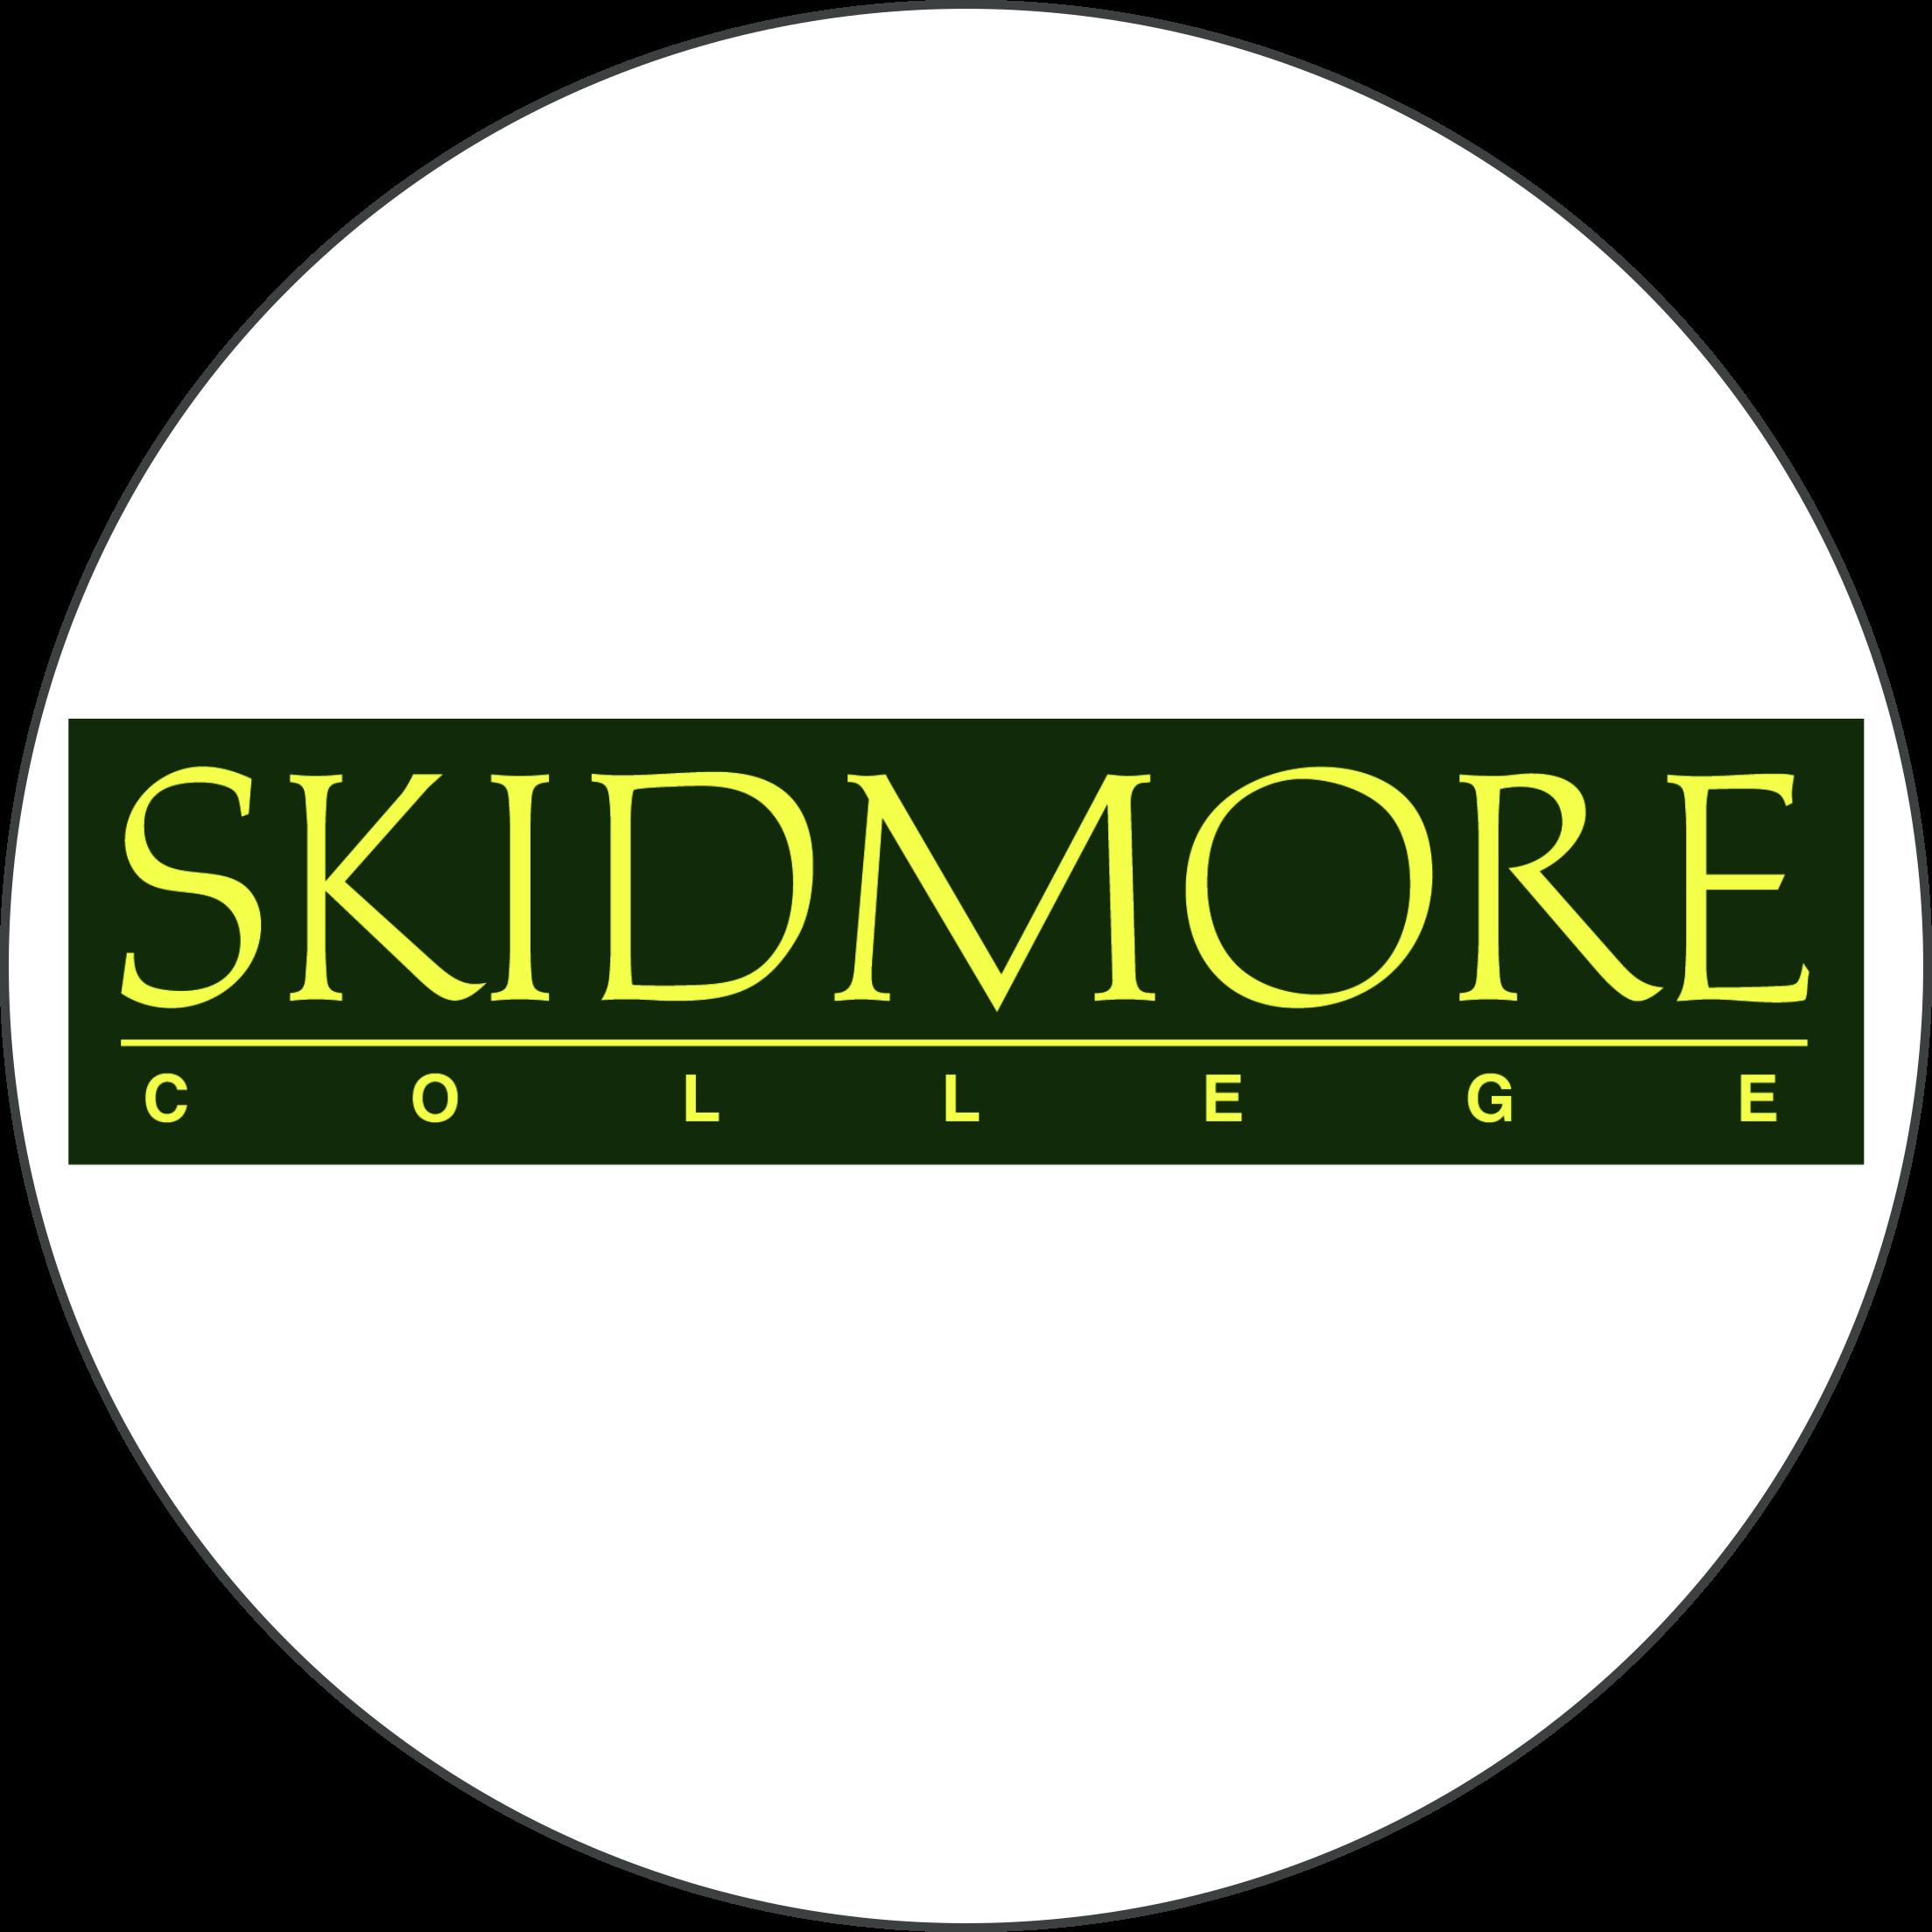 Skidmore_circle.png